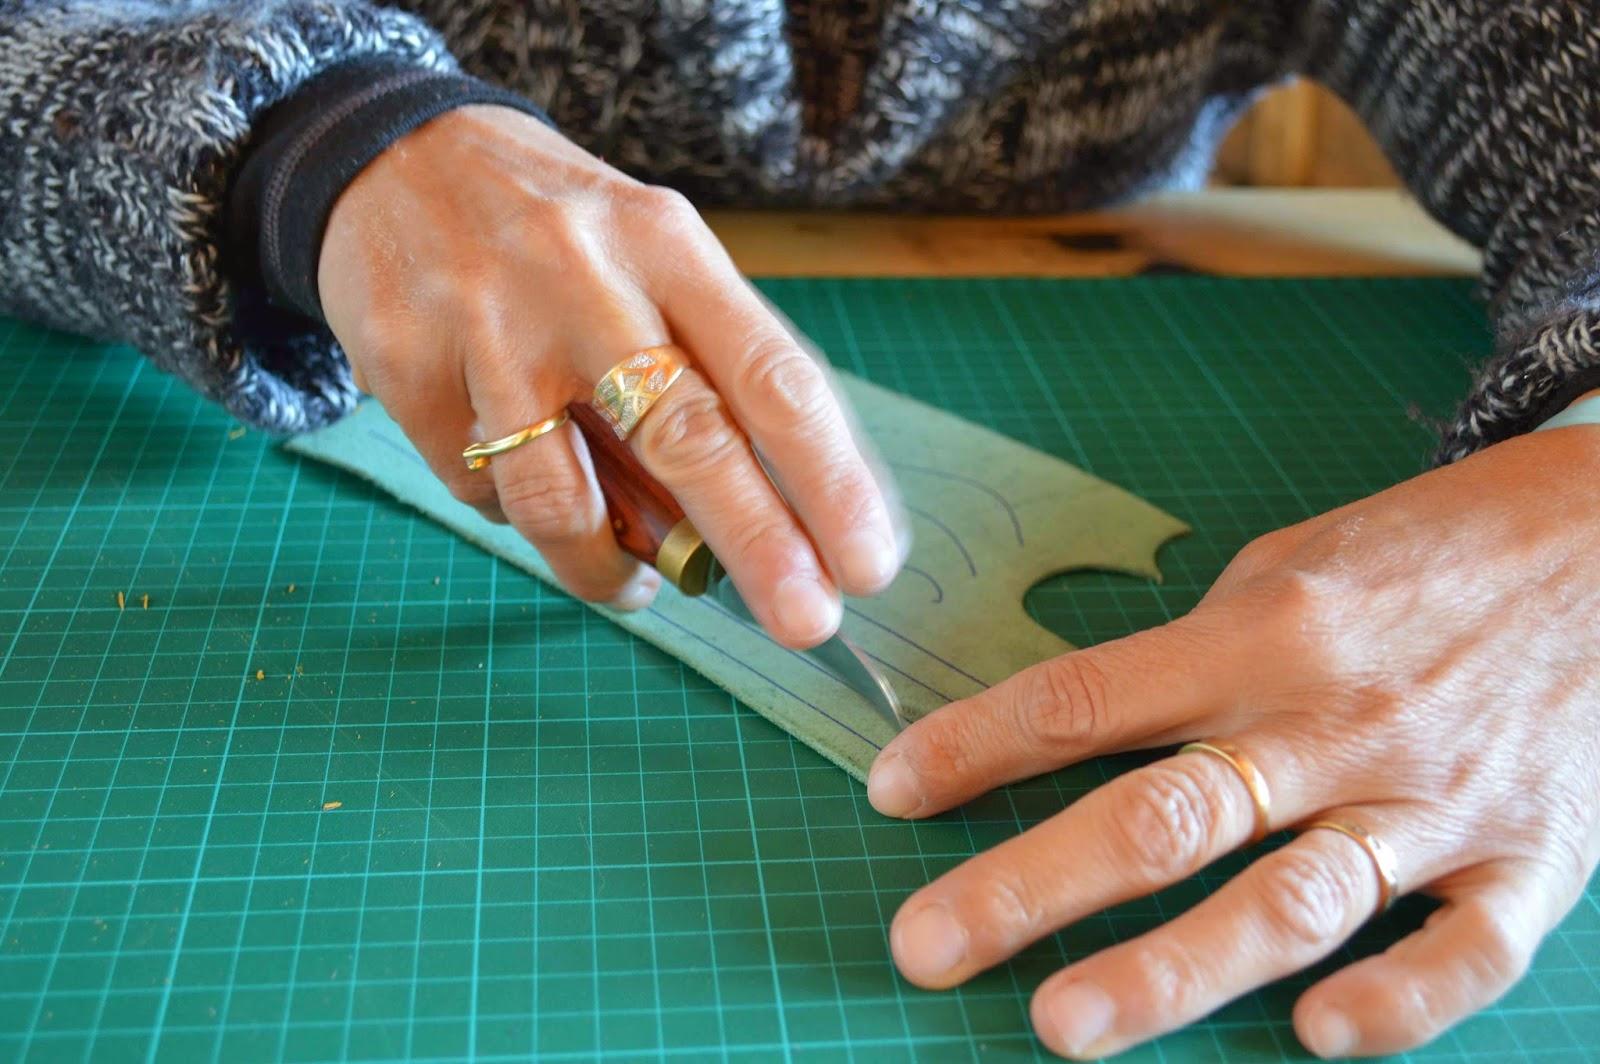 lisette atelier fa rie cuir du vercors reconversion professionnelle maroquinerie francine. Black Bedroom Furniture Sets. Home Design Ideas